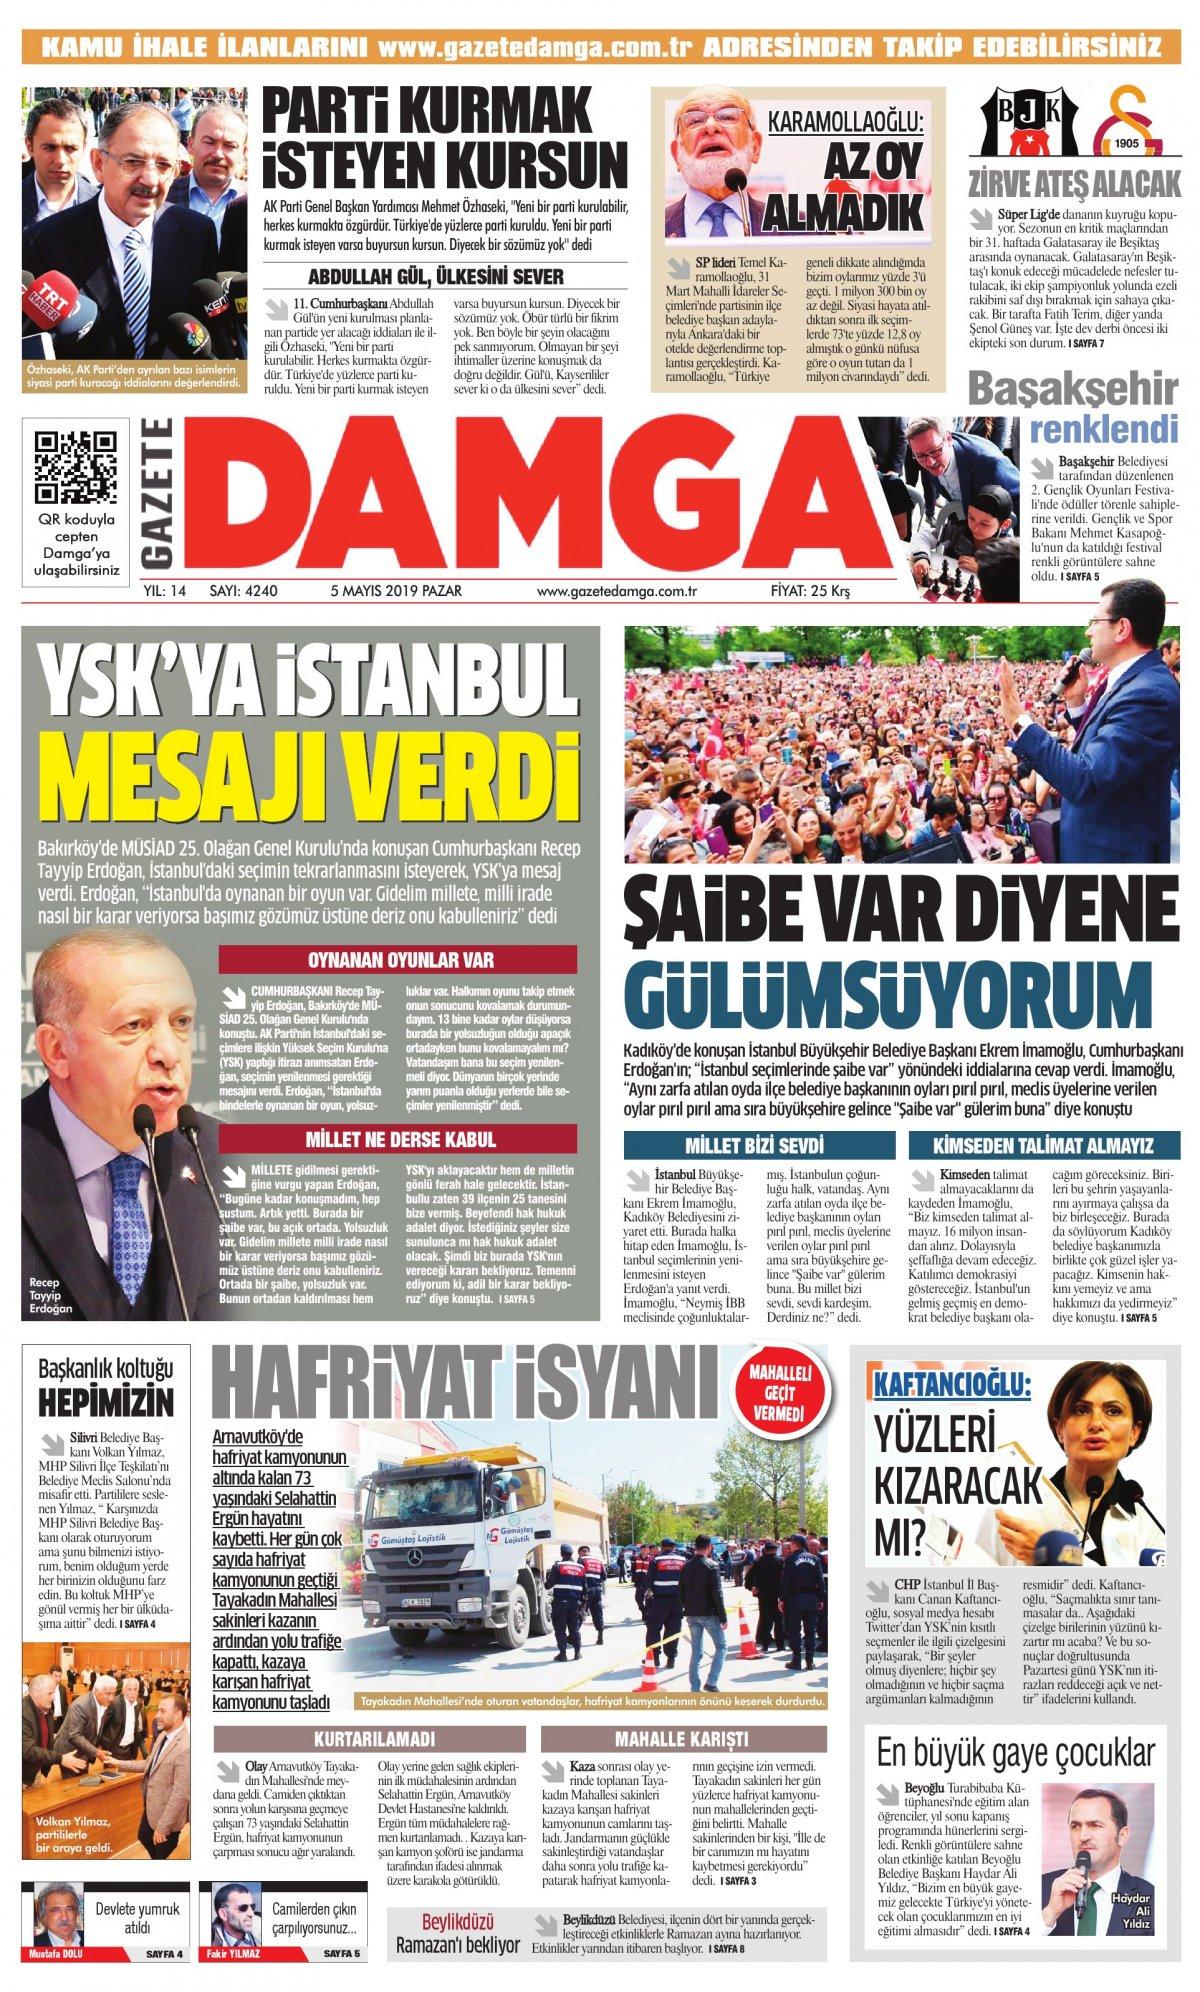 Gazete Damga - 05.05.2019 Sayfaları